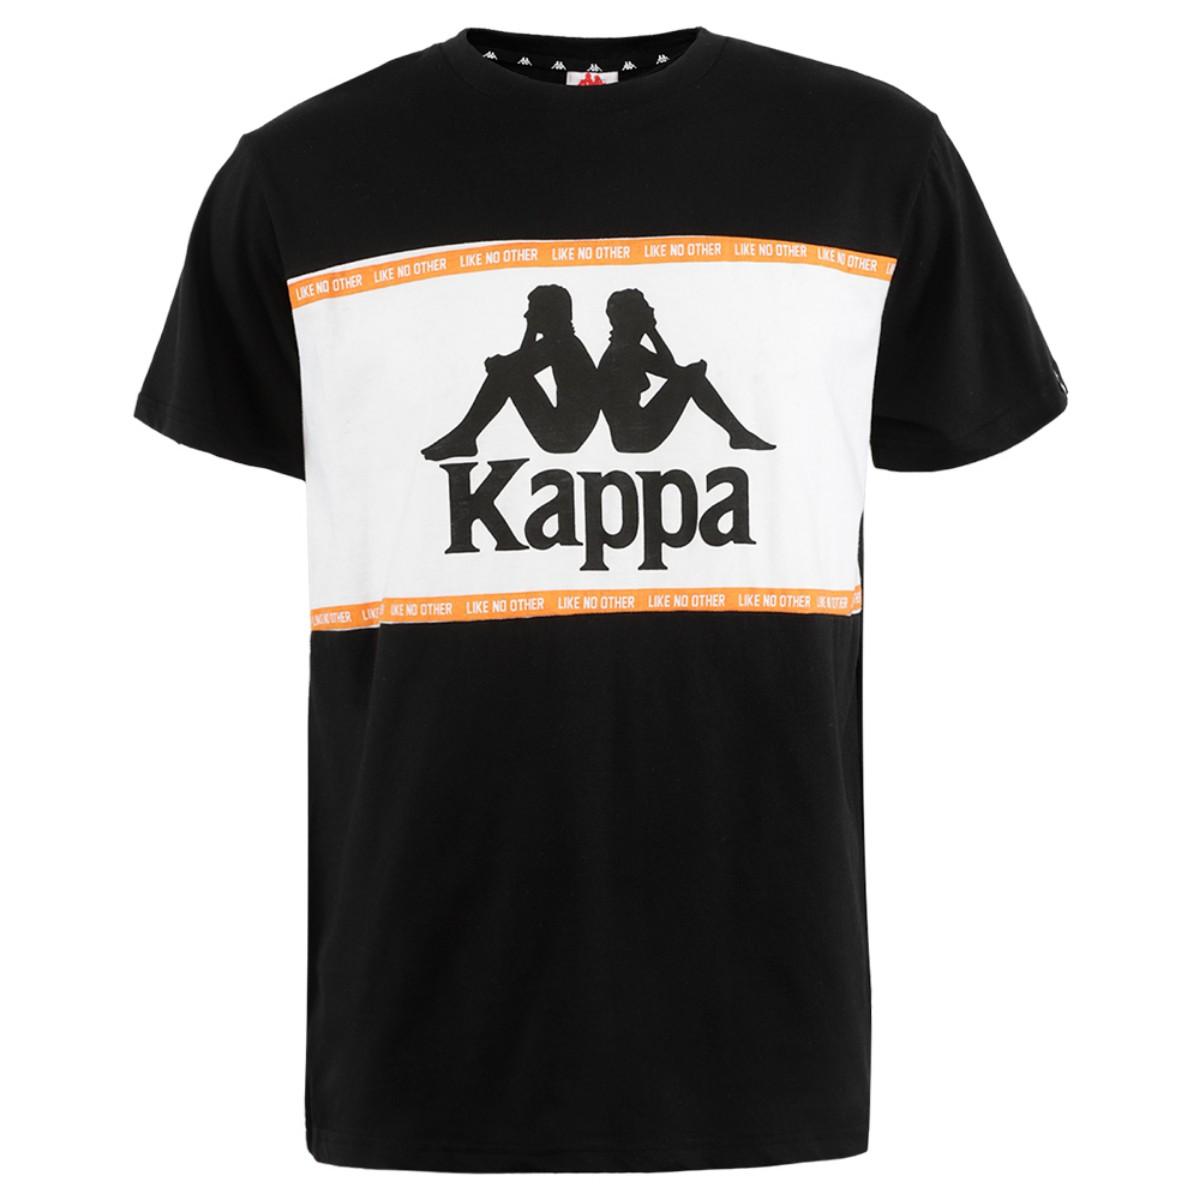 KPMPOV2101NE_1